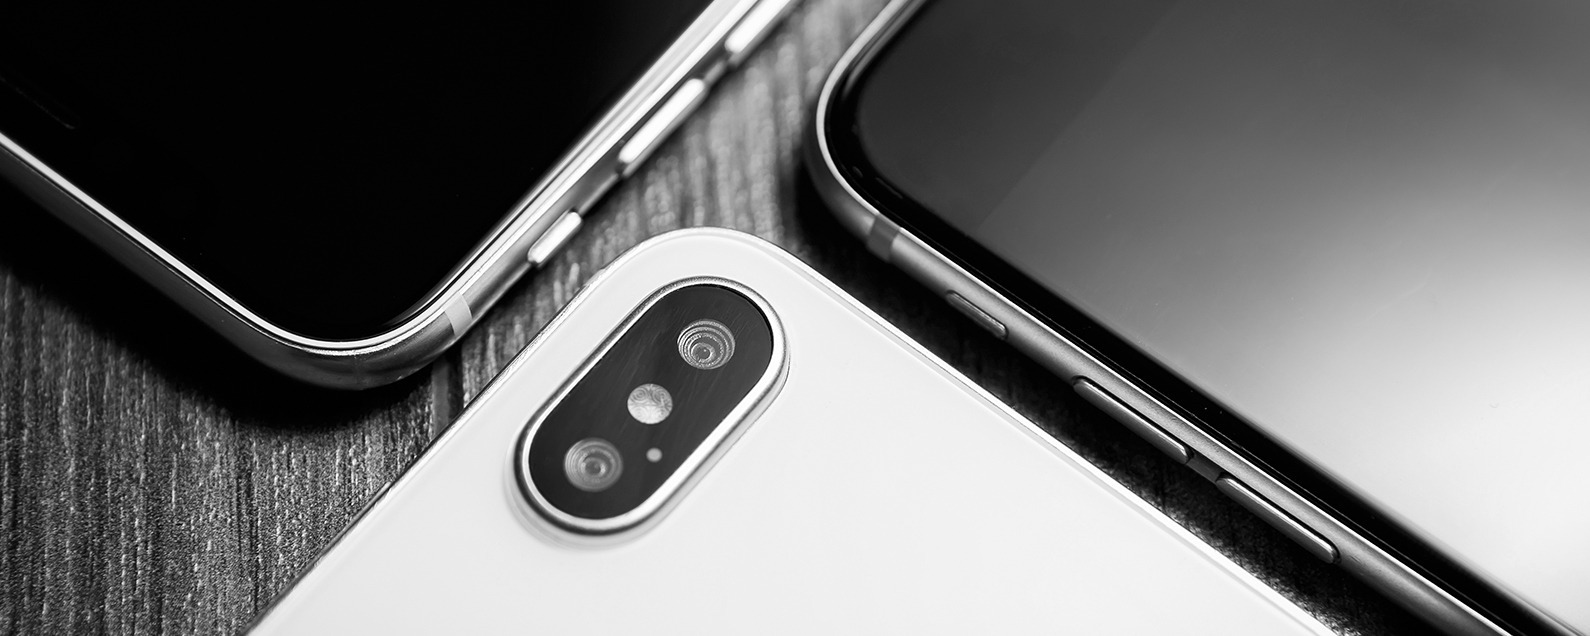 FlexiSPY™ Unique iPhone Spy App — Reveals Secrets Others Cannot